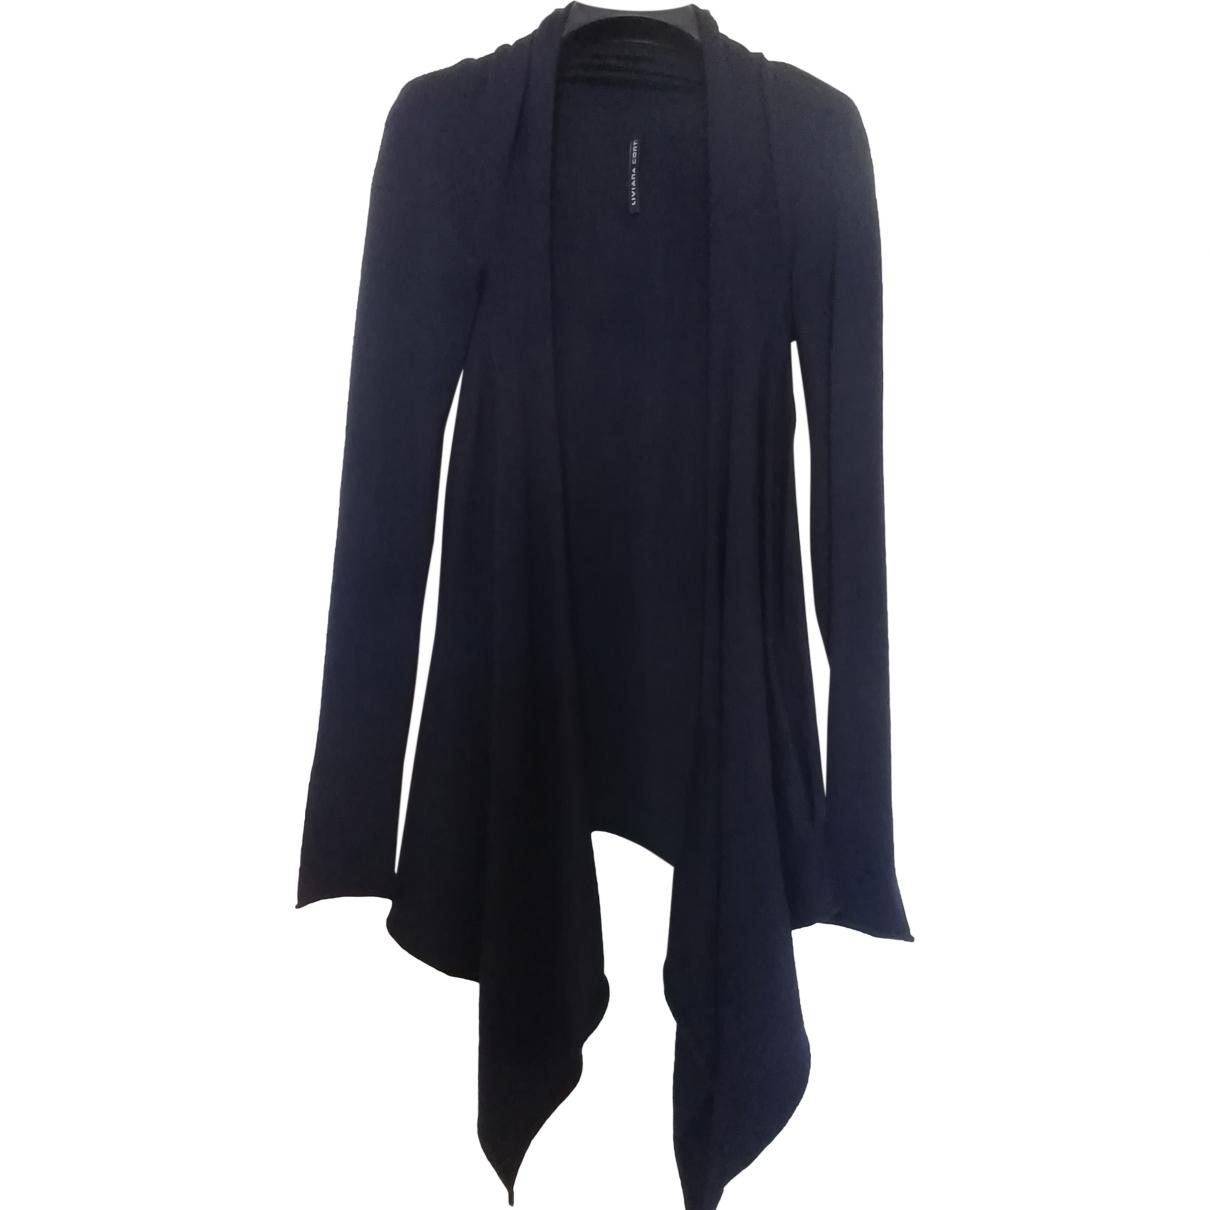 Liviana Conti - Pull   pour femme en laine - bleu